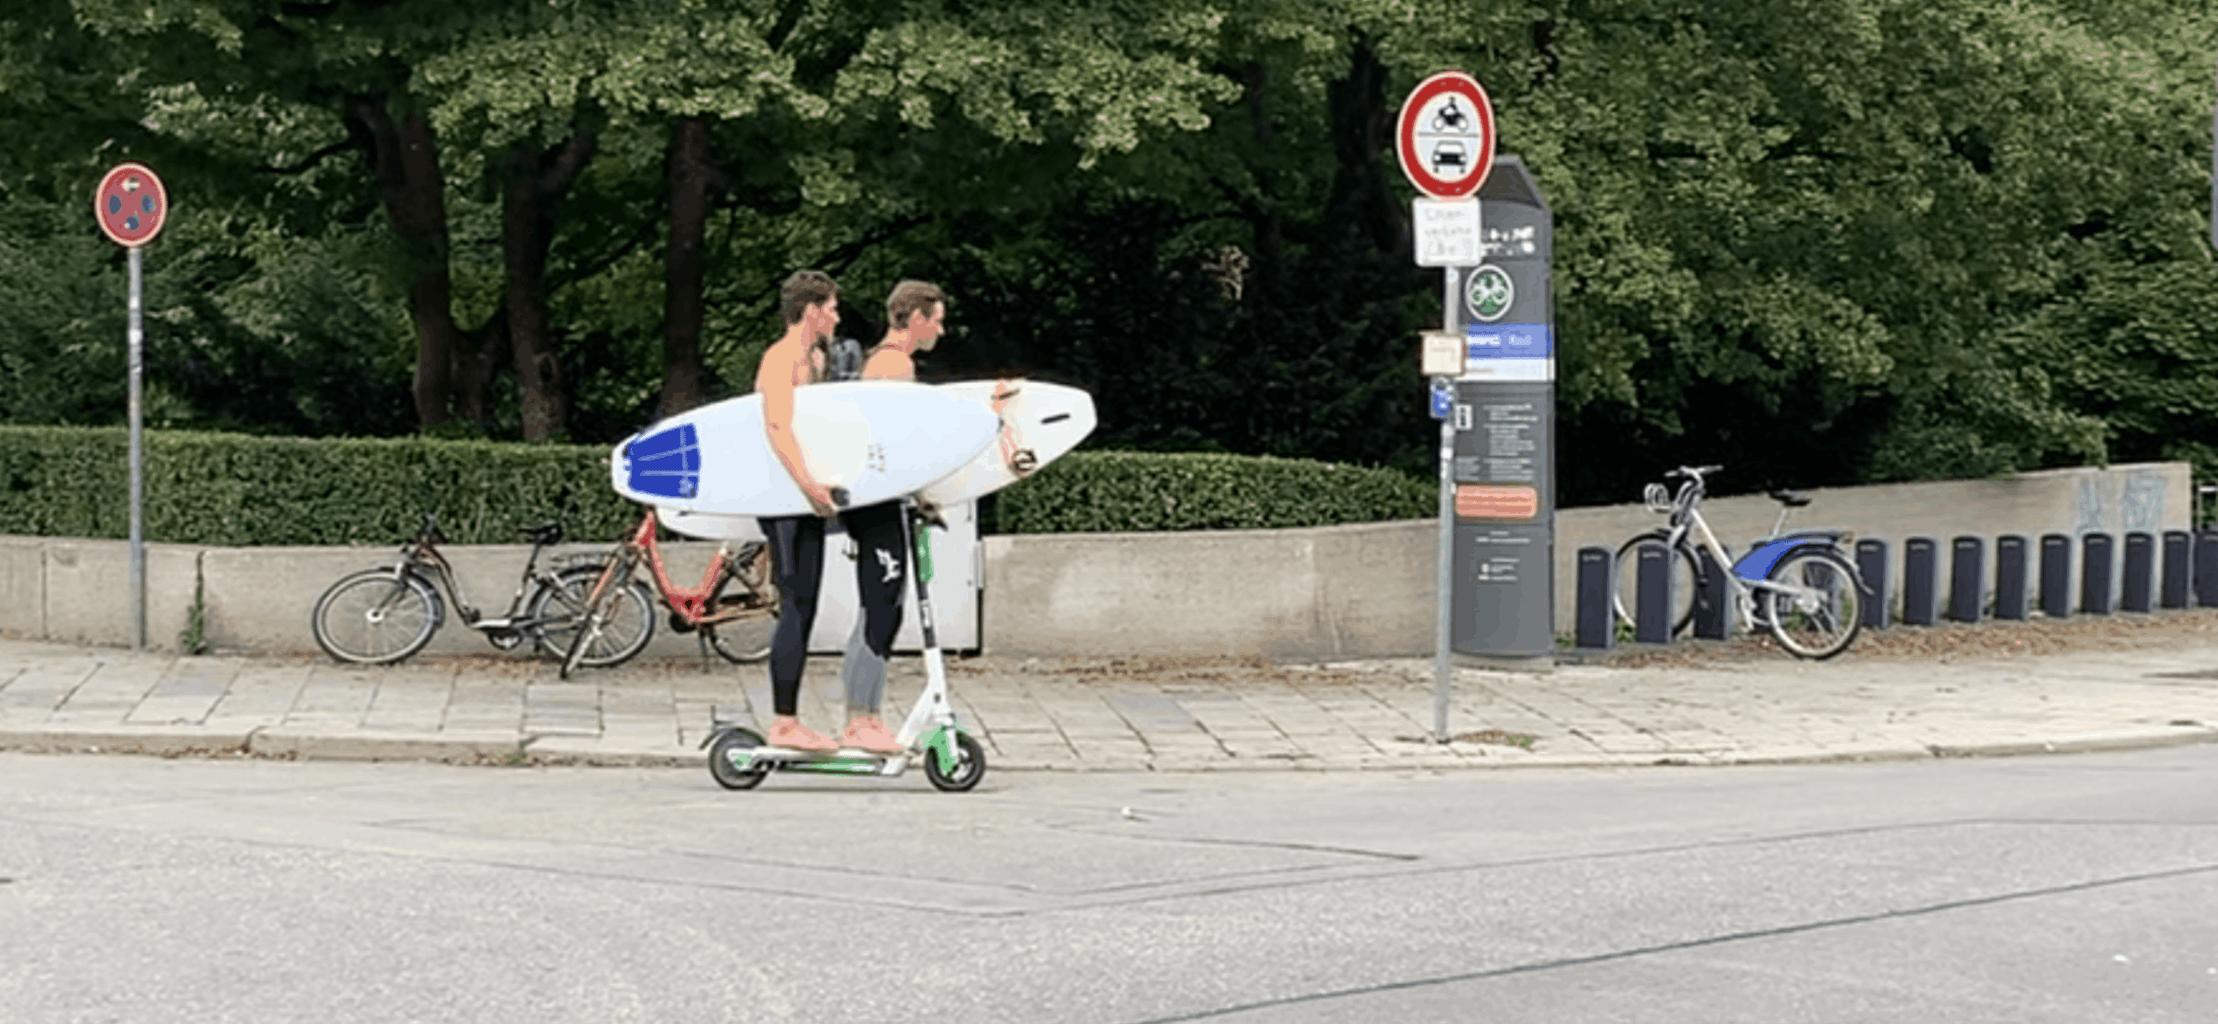 München_Englischer_Garten_2_Surfer_2_Surfbretter_1_E-Scooter